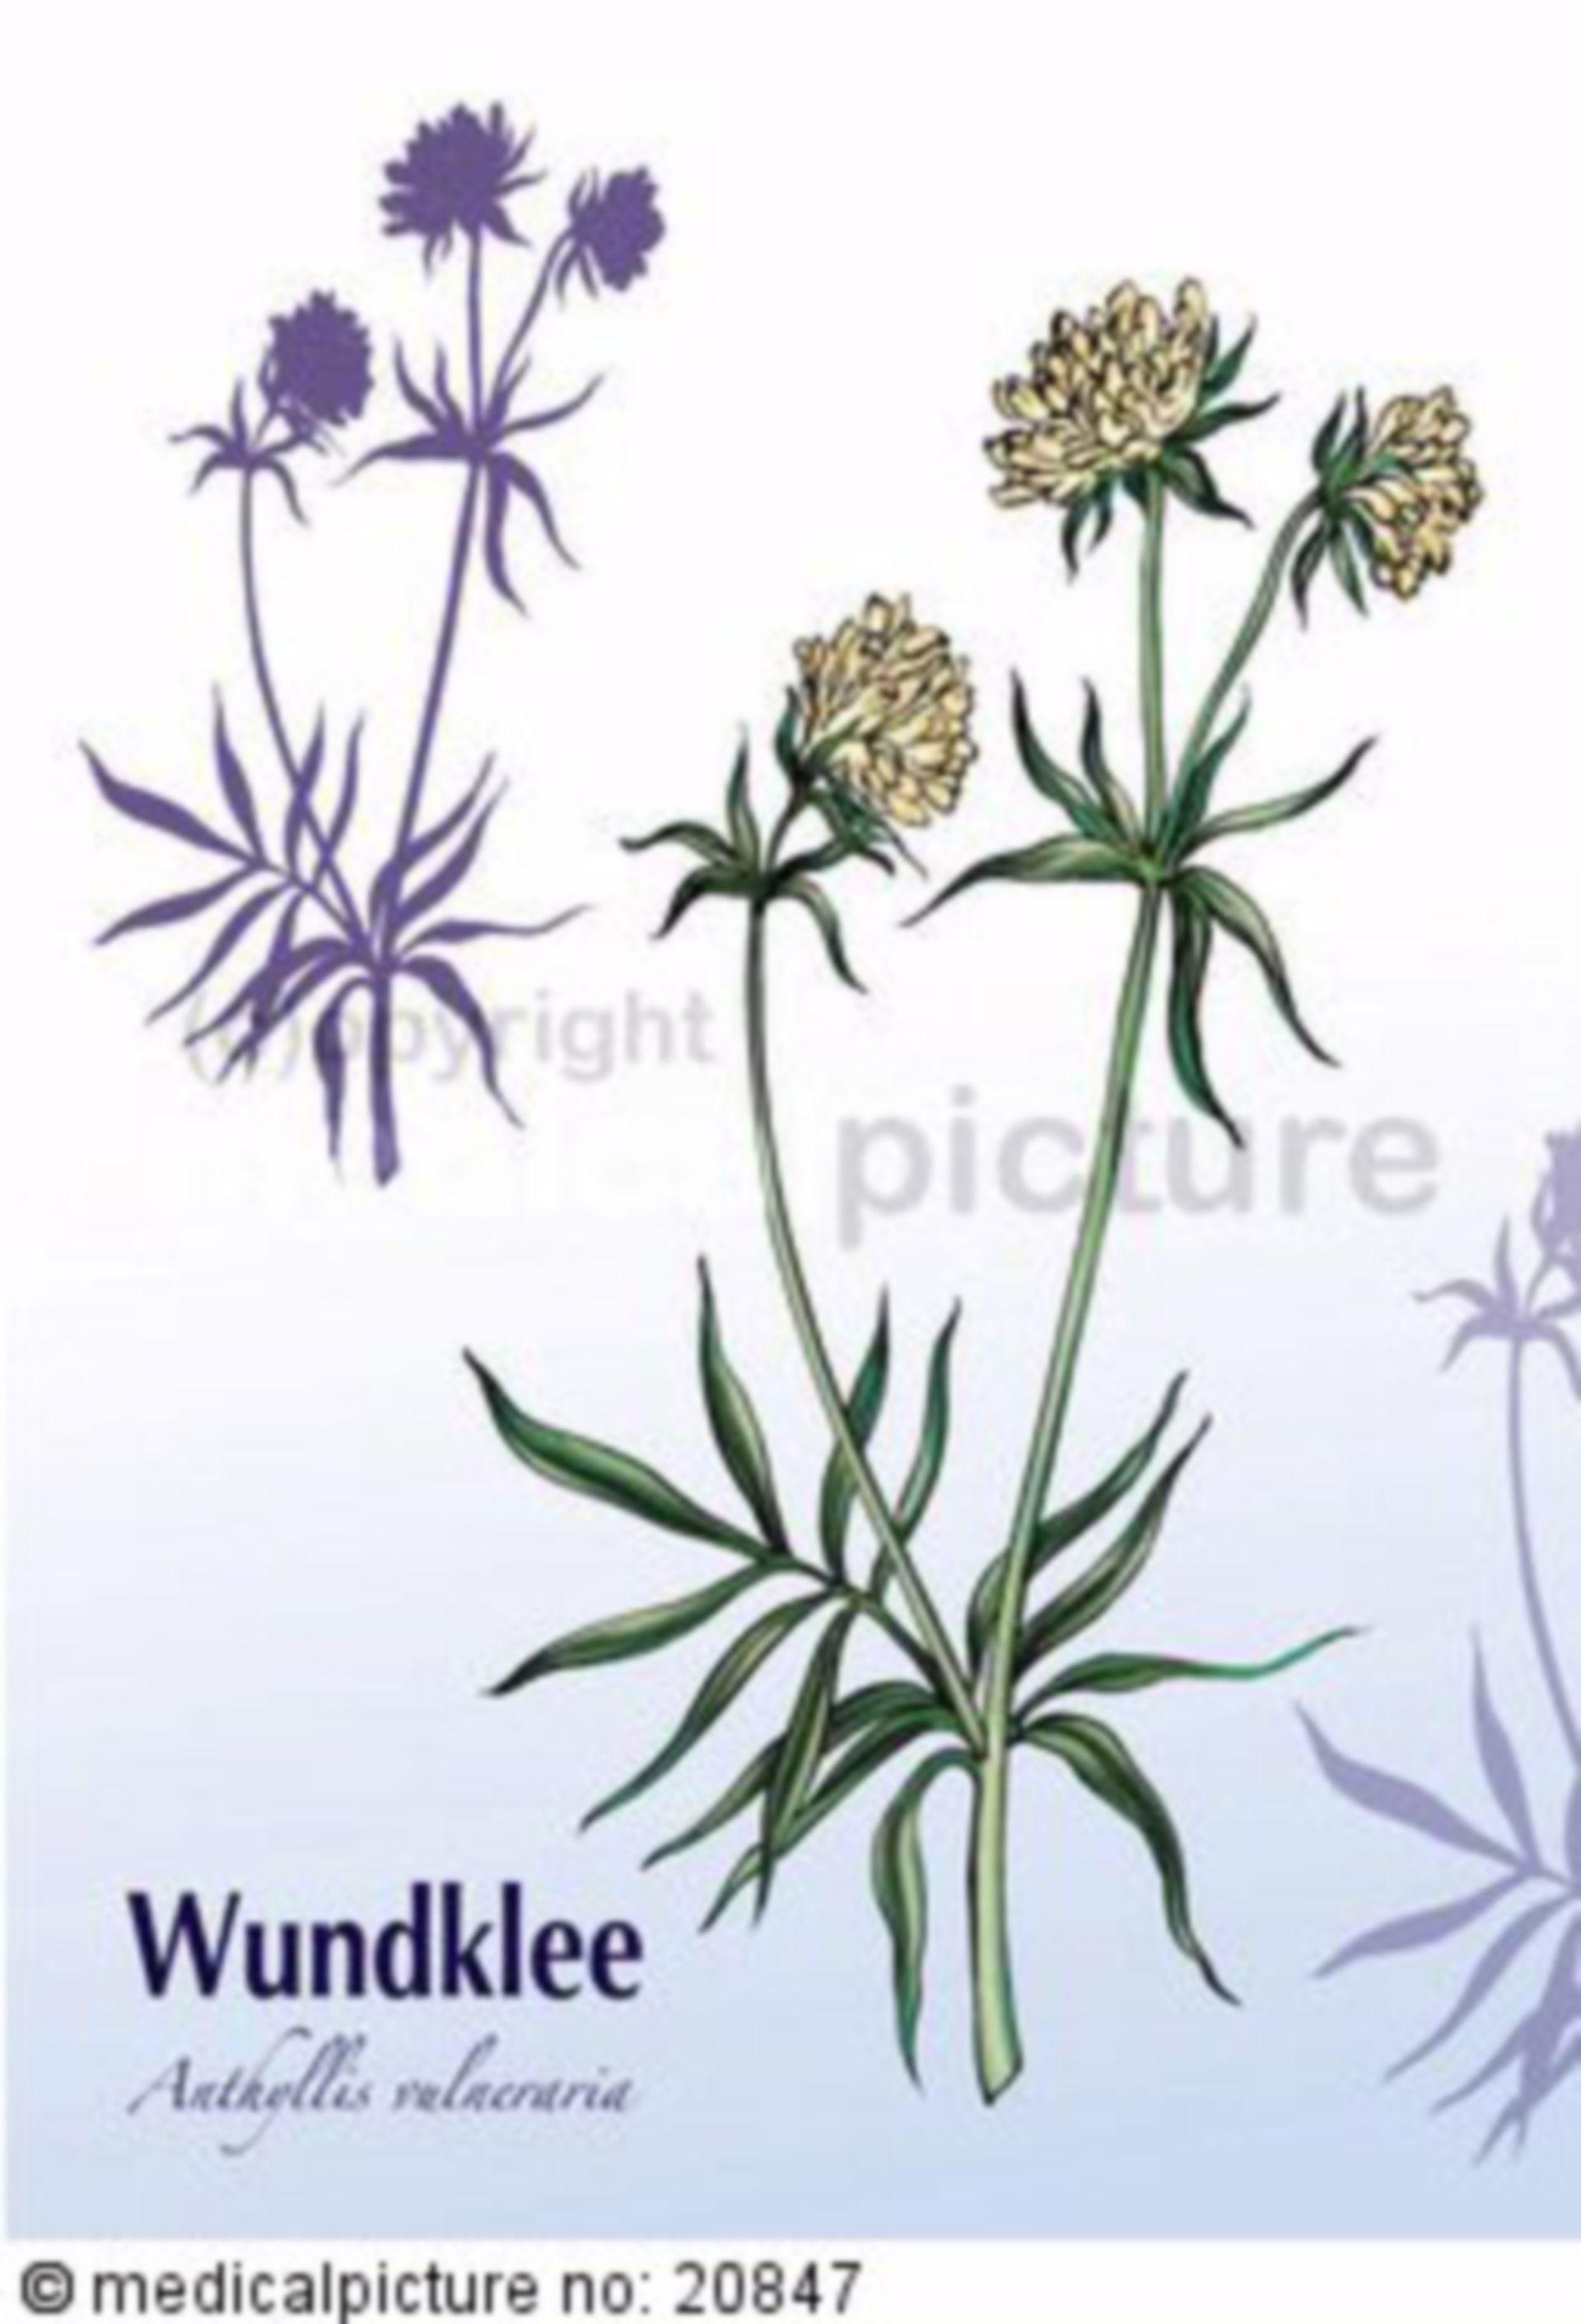 Wundklee, Anthyllis vulneraria